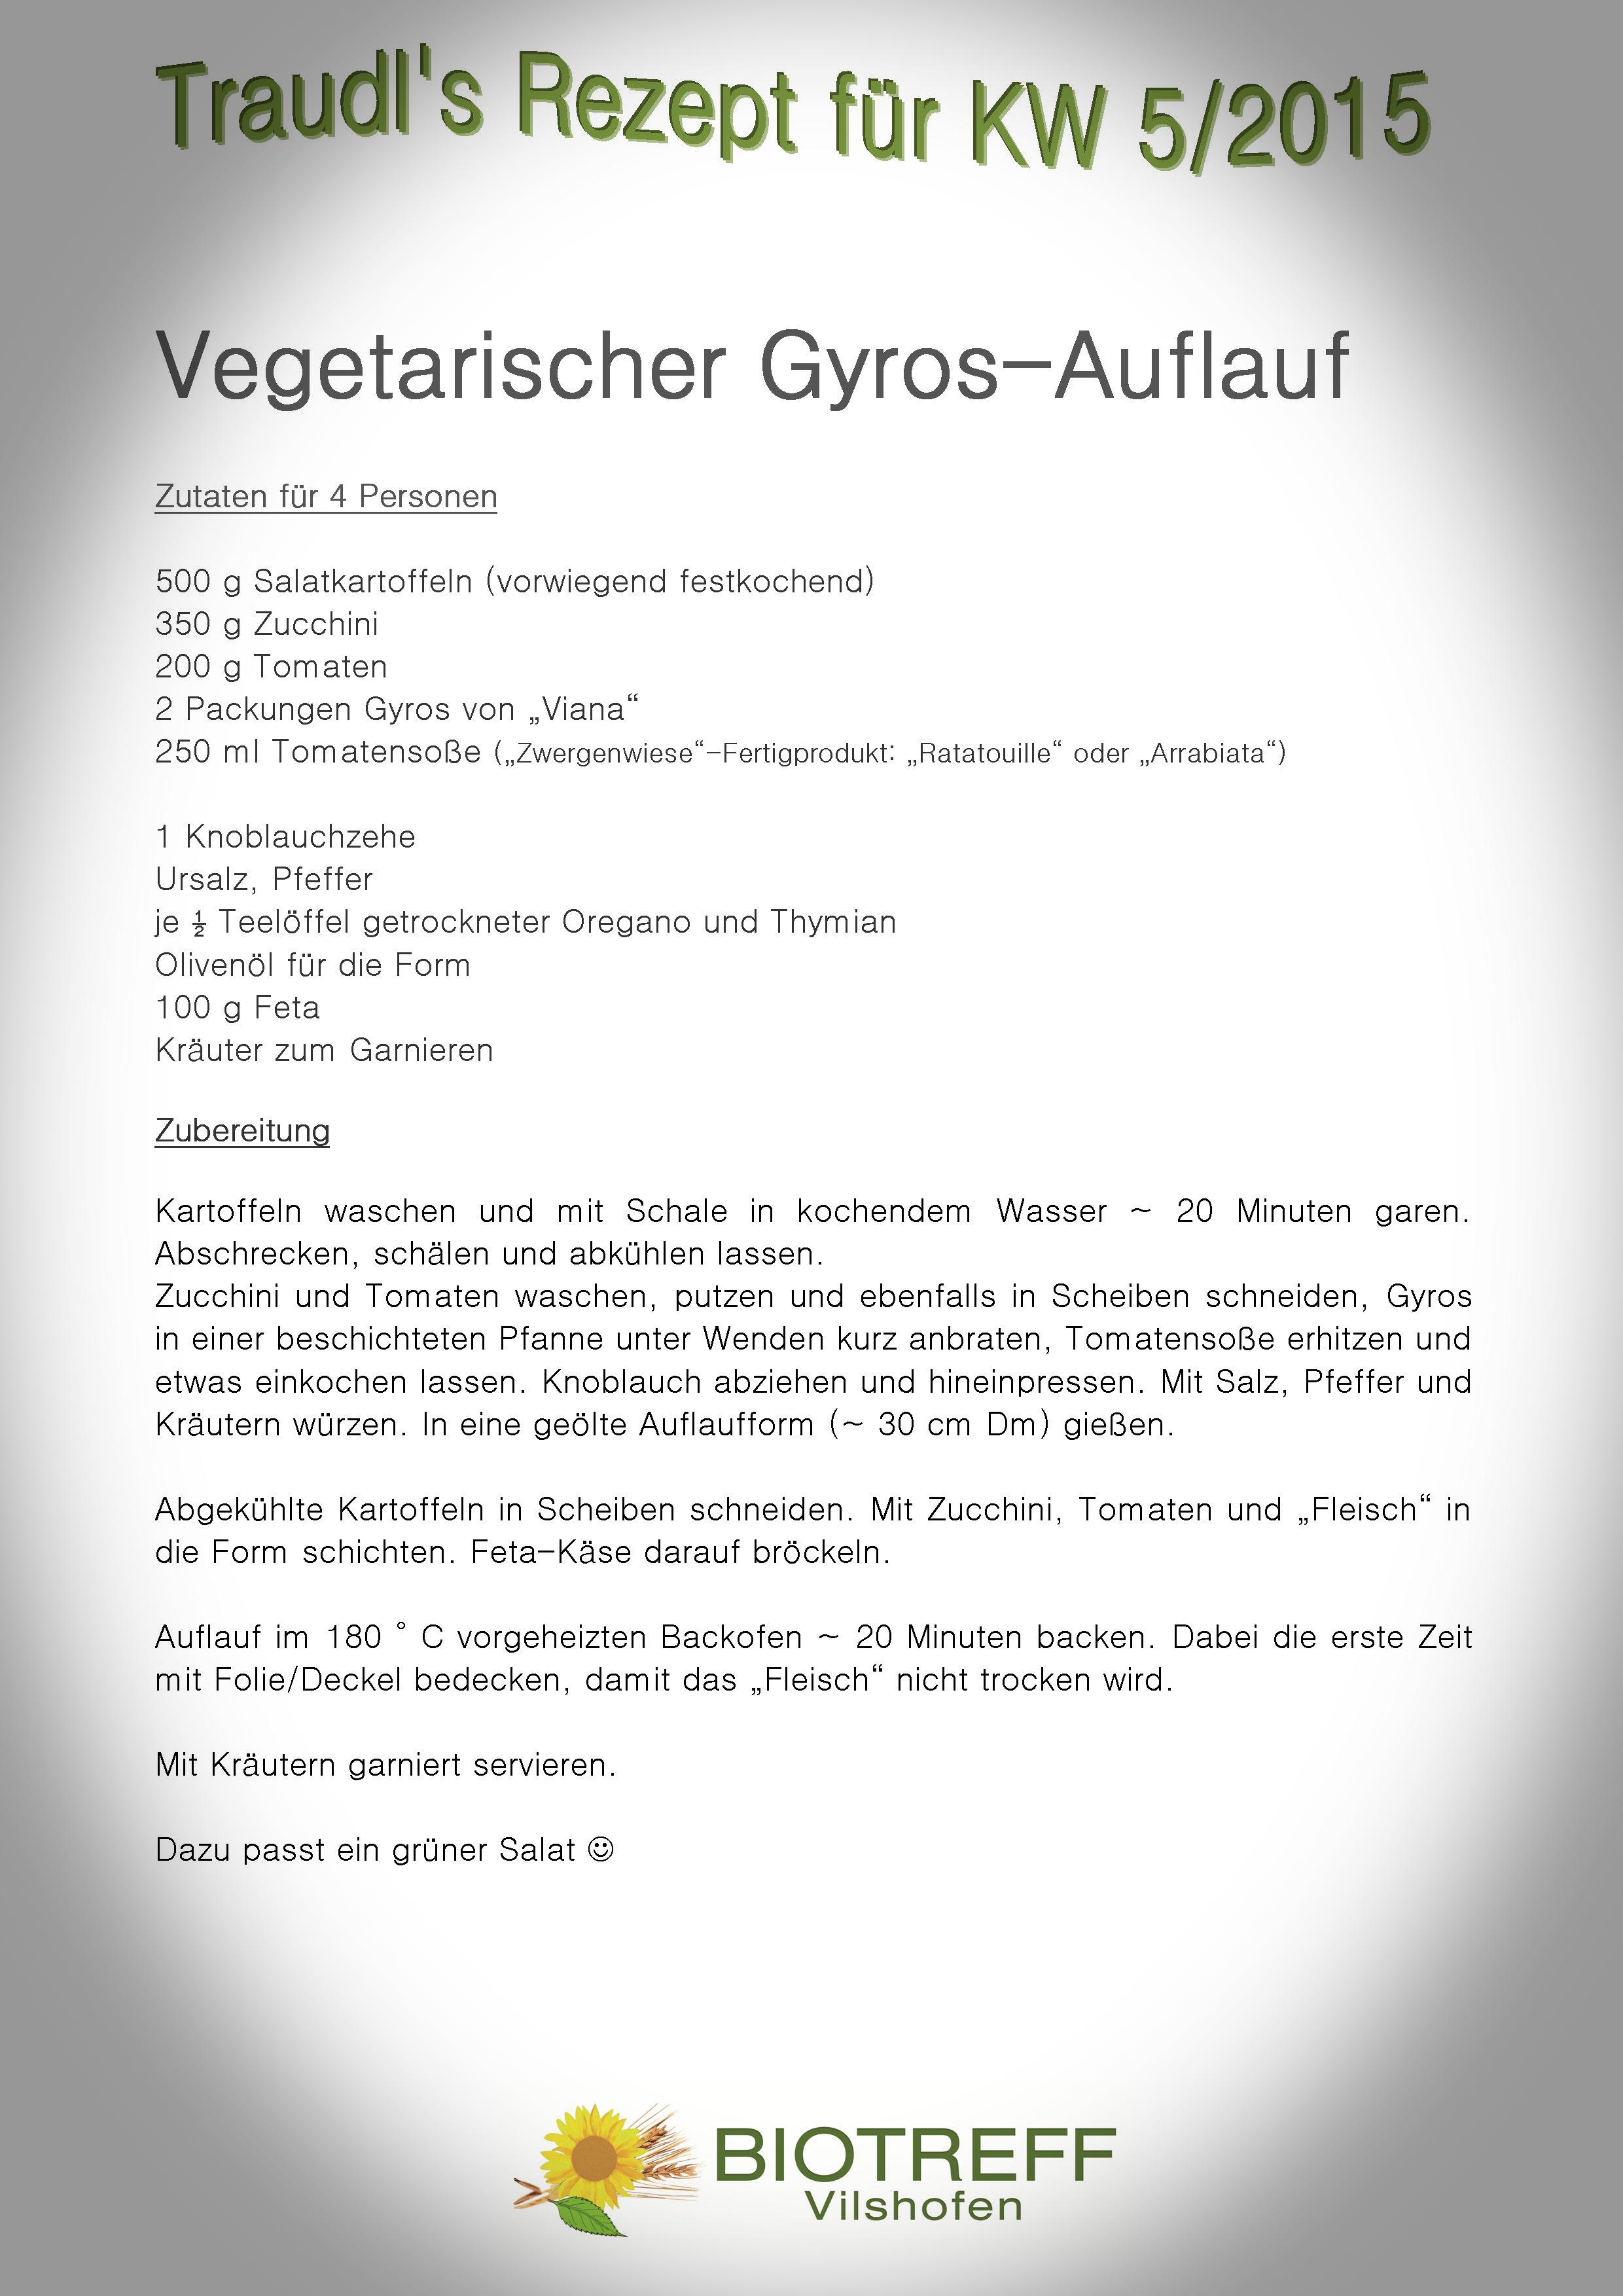 KW 5 Vegetarischer Gyros-Auflauf